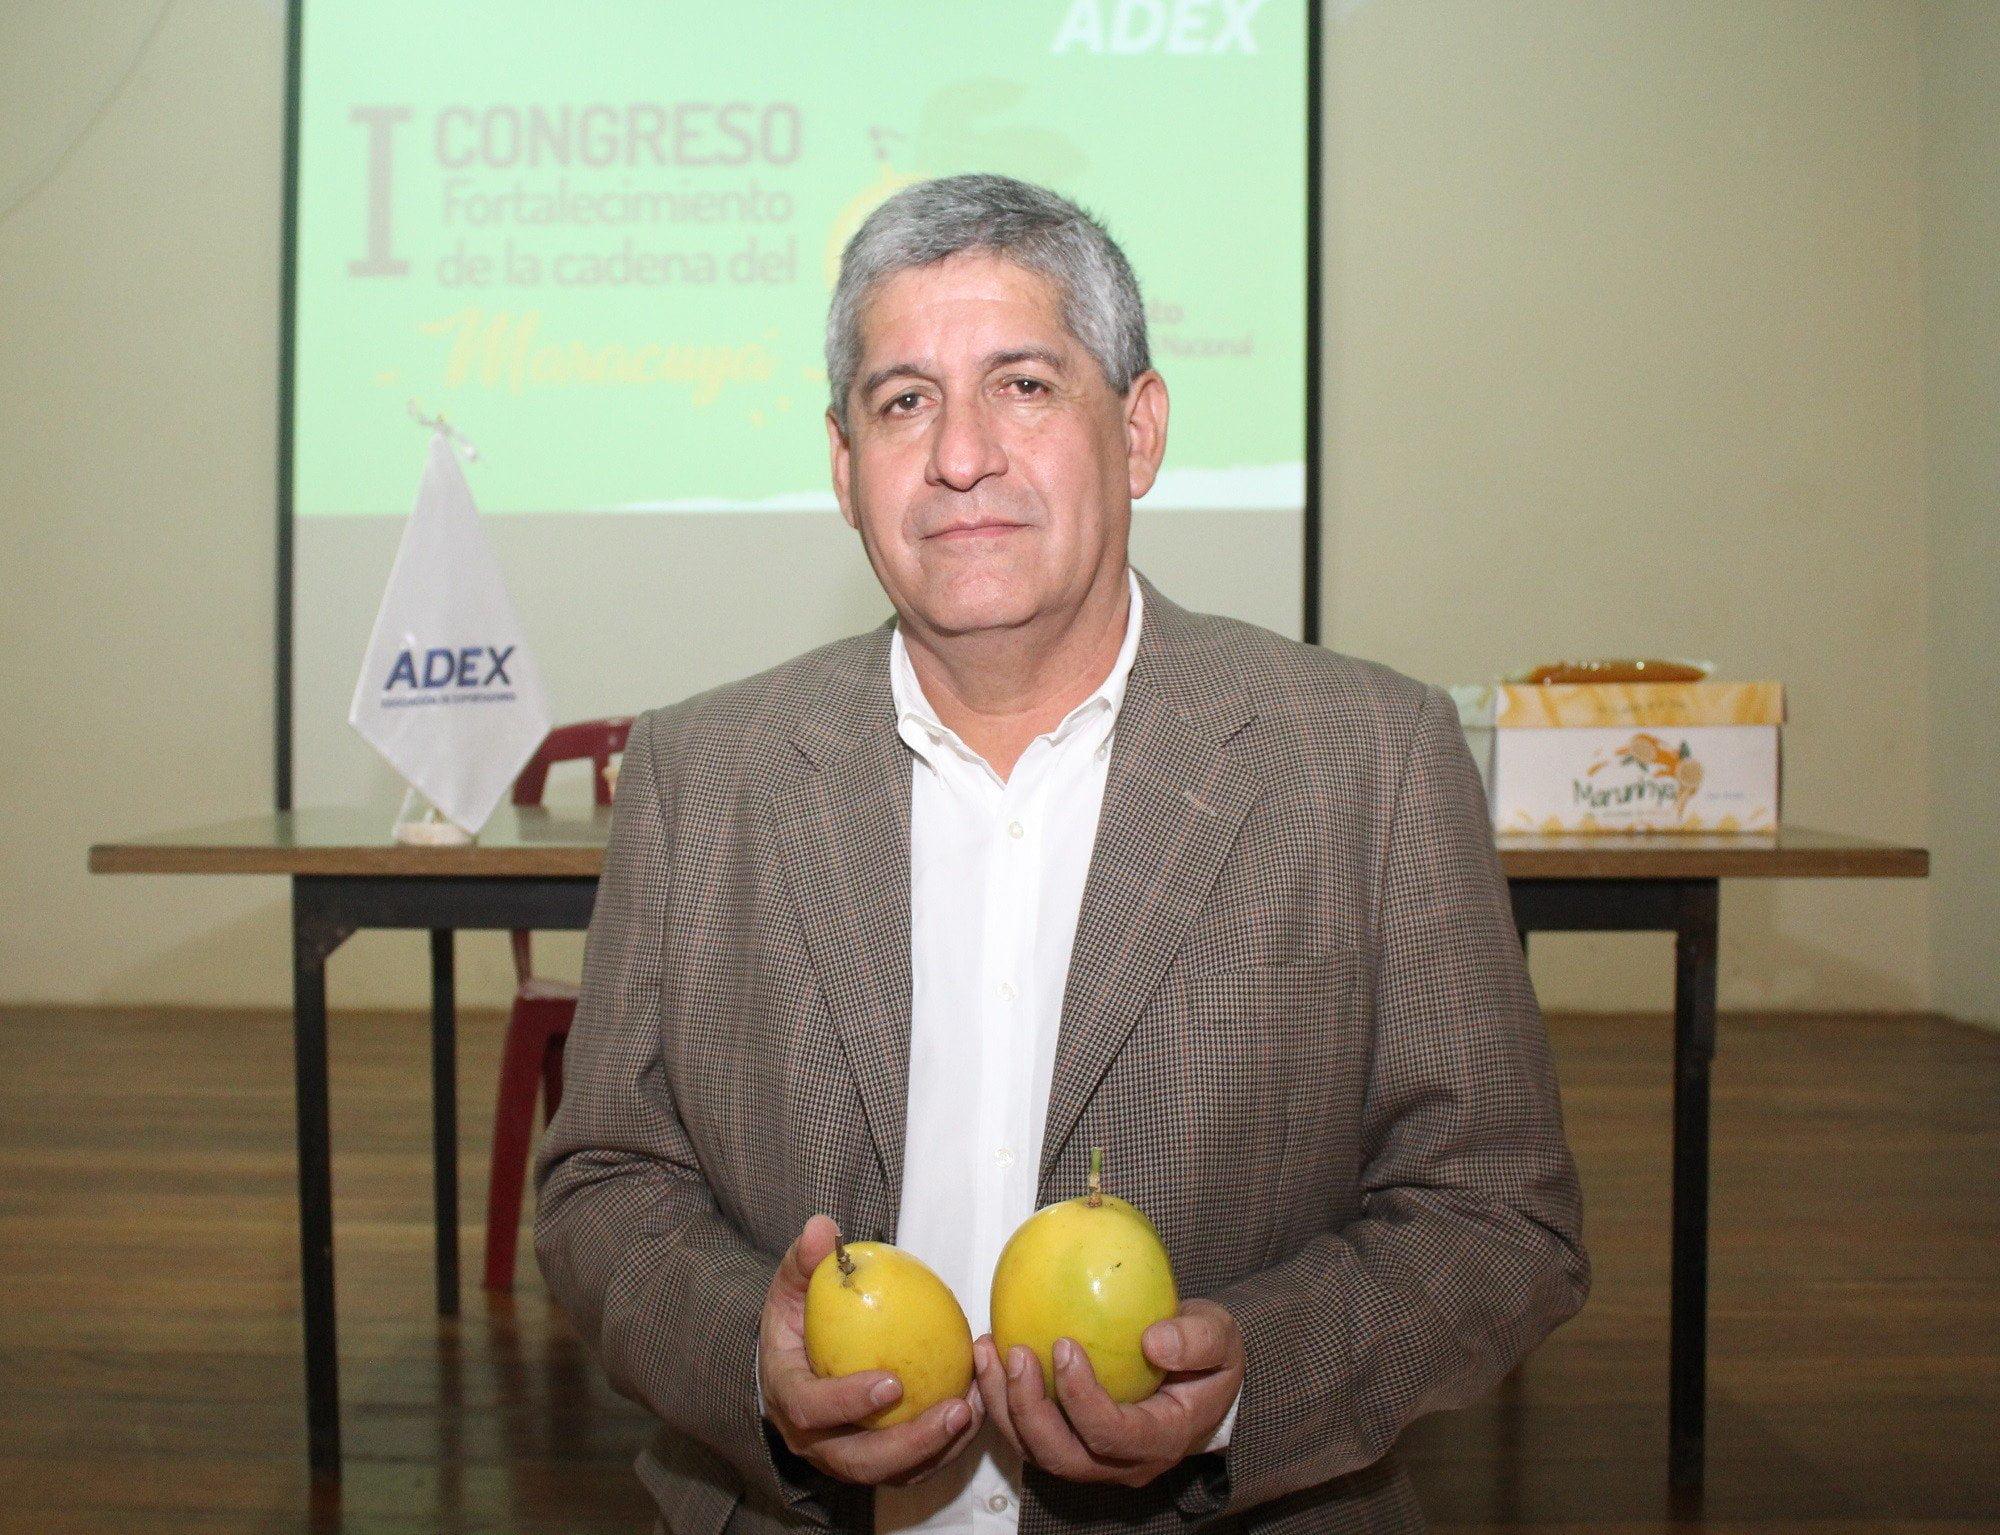 Vocero del Grupo de Trabajo de Frutas para la Industria de la Asociación de Exportadores (ADEX), Renzo Gómez Moreno.